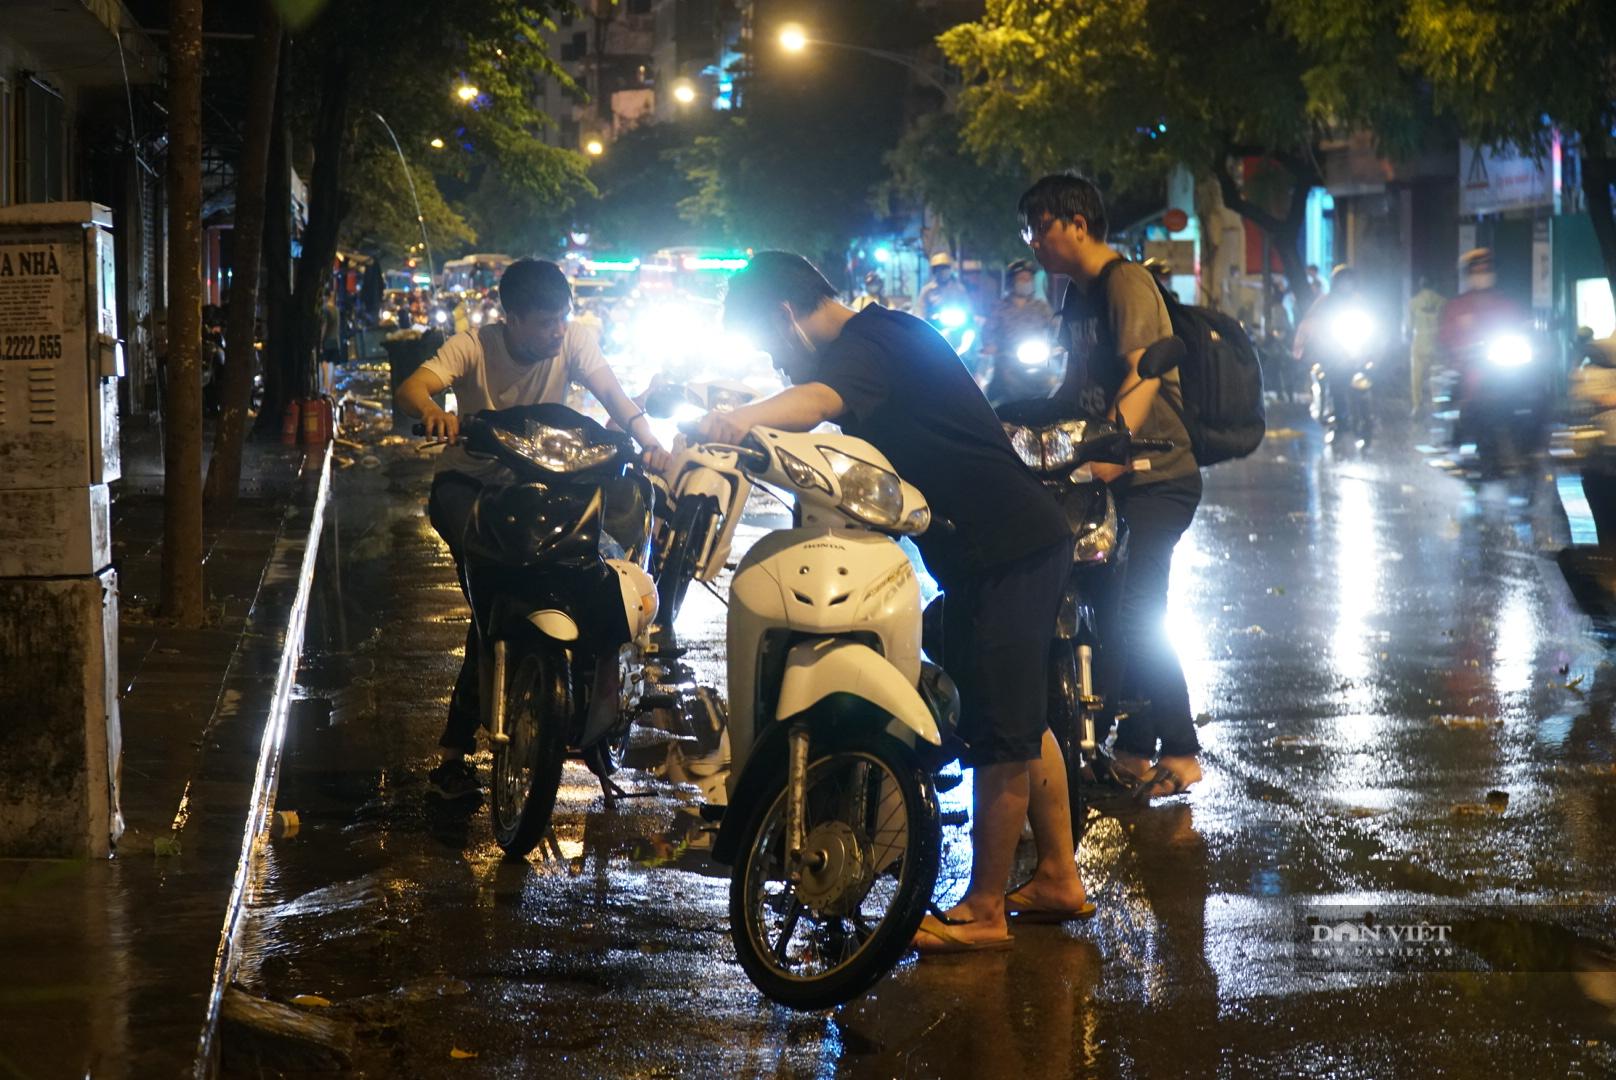 Hà Nội: Lau bugi xe sau cơn mưa lớn kiếm bộn tiền - Ảnh 3.